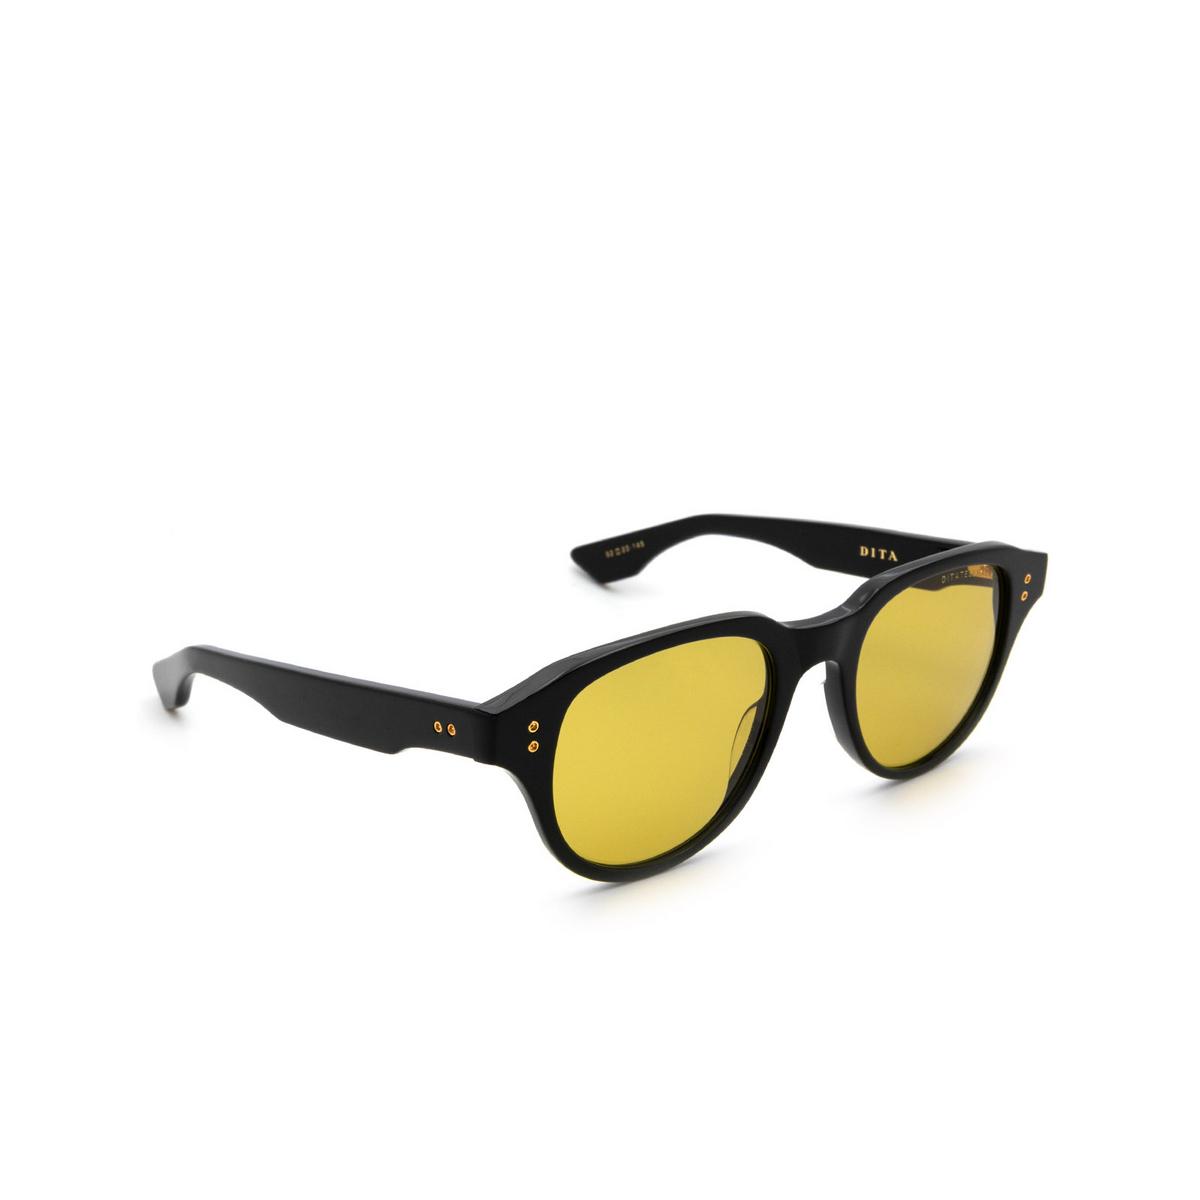 Dita® Square Sunglasses: Telehacker DTS708-A-01-A color Black Gold Blk-gld.